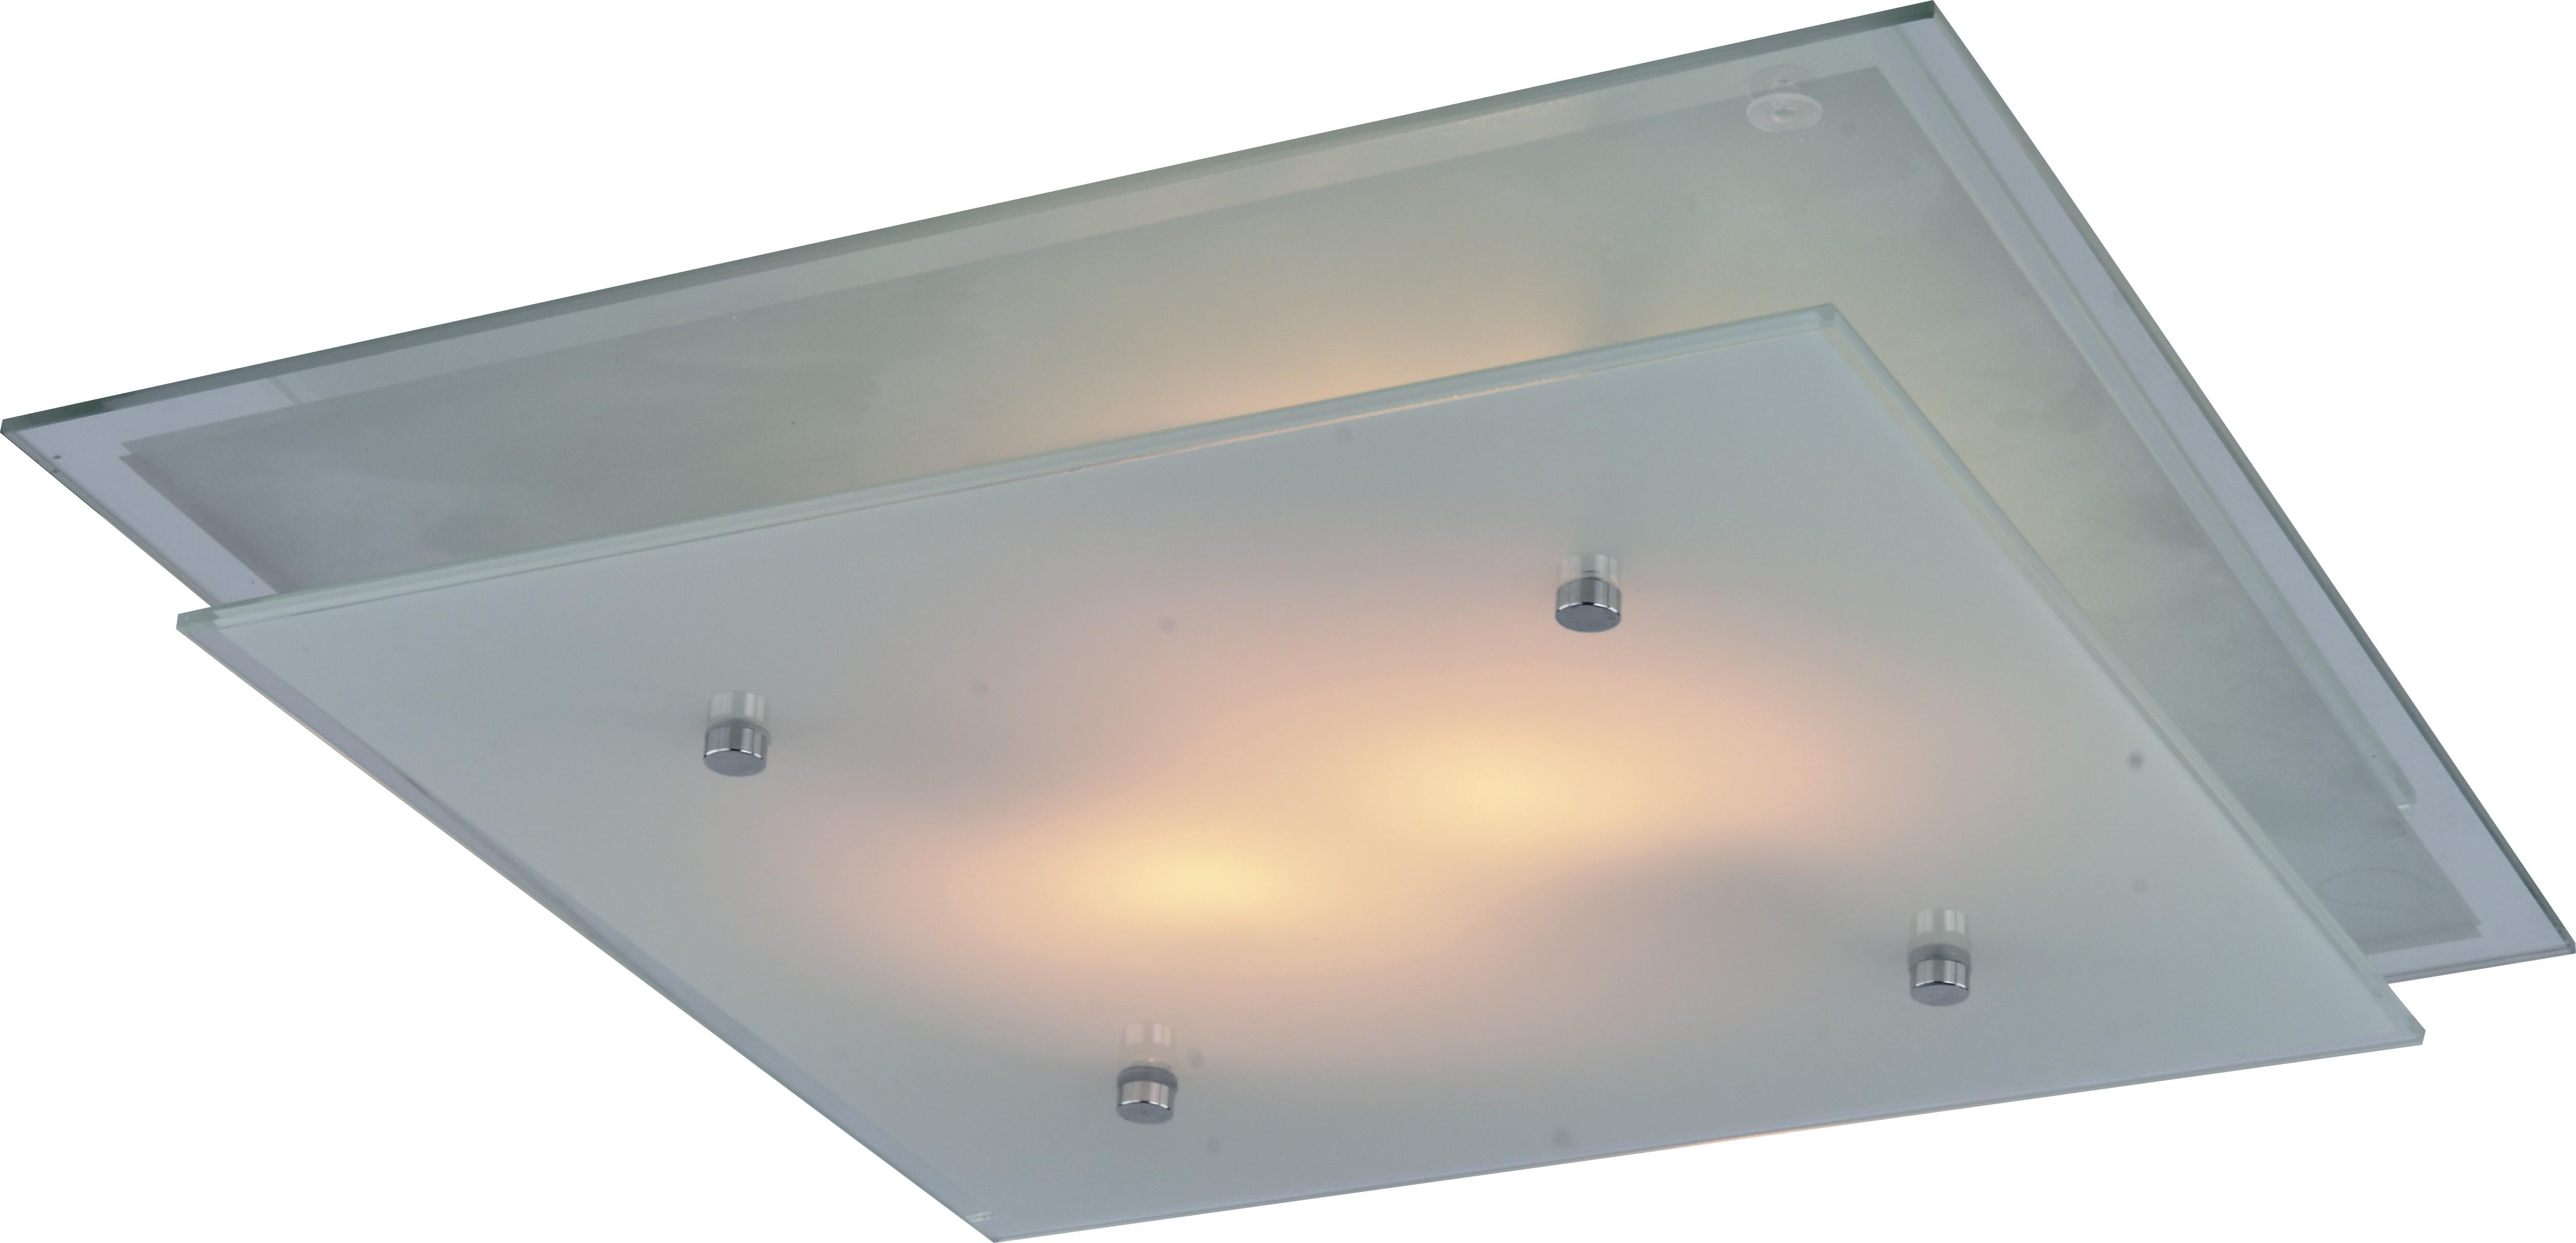 Светильник настенно-потолочный Arte lamp A4868pl-2cc накладной светильник arte lamp jasmine a4040pl 2cc